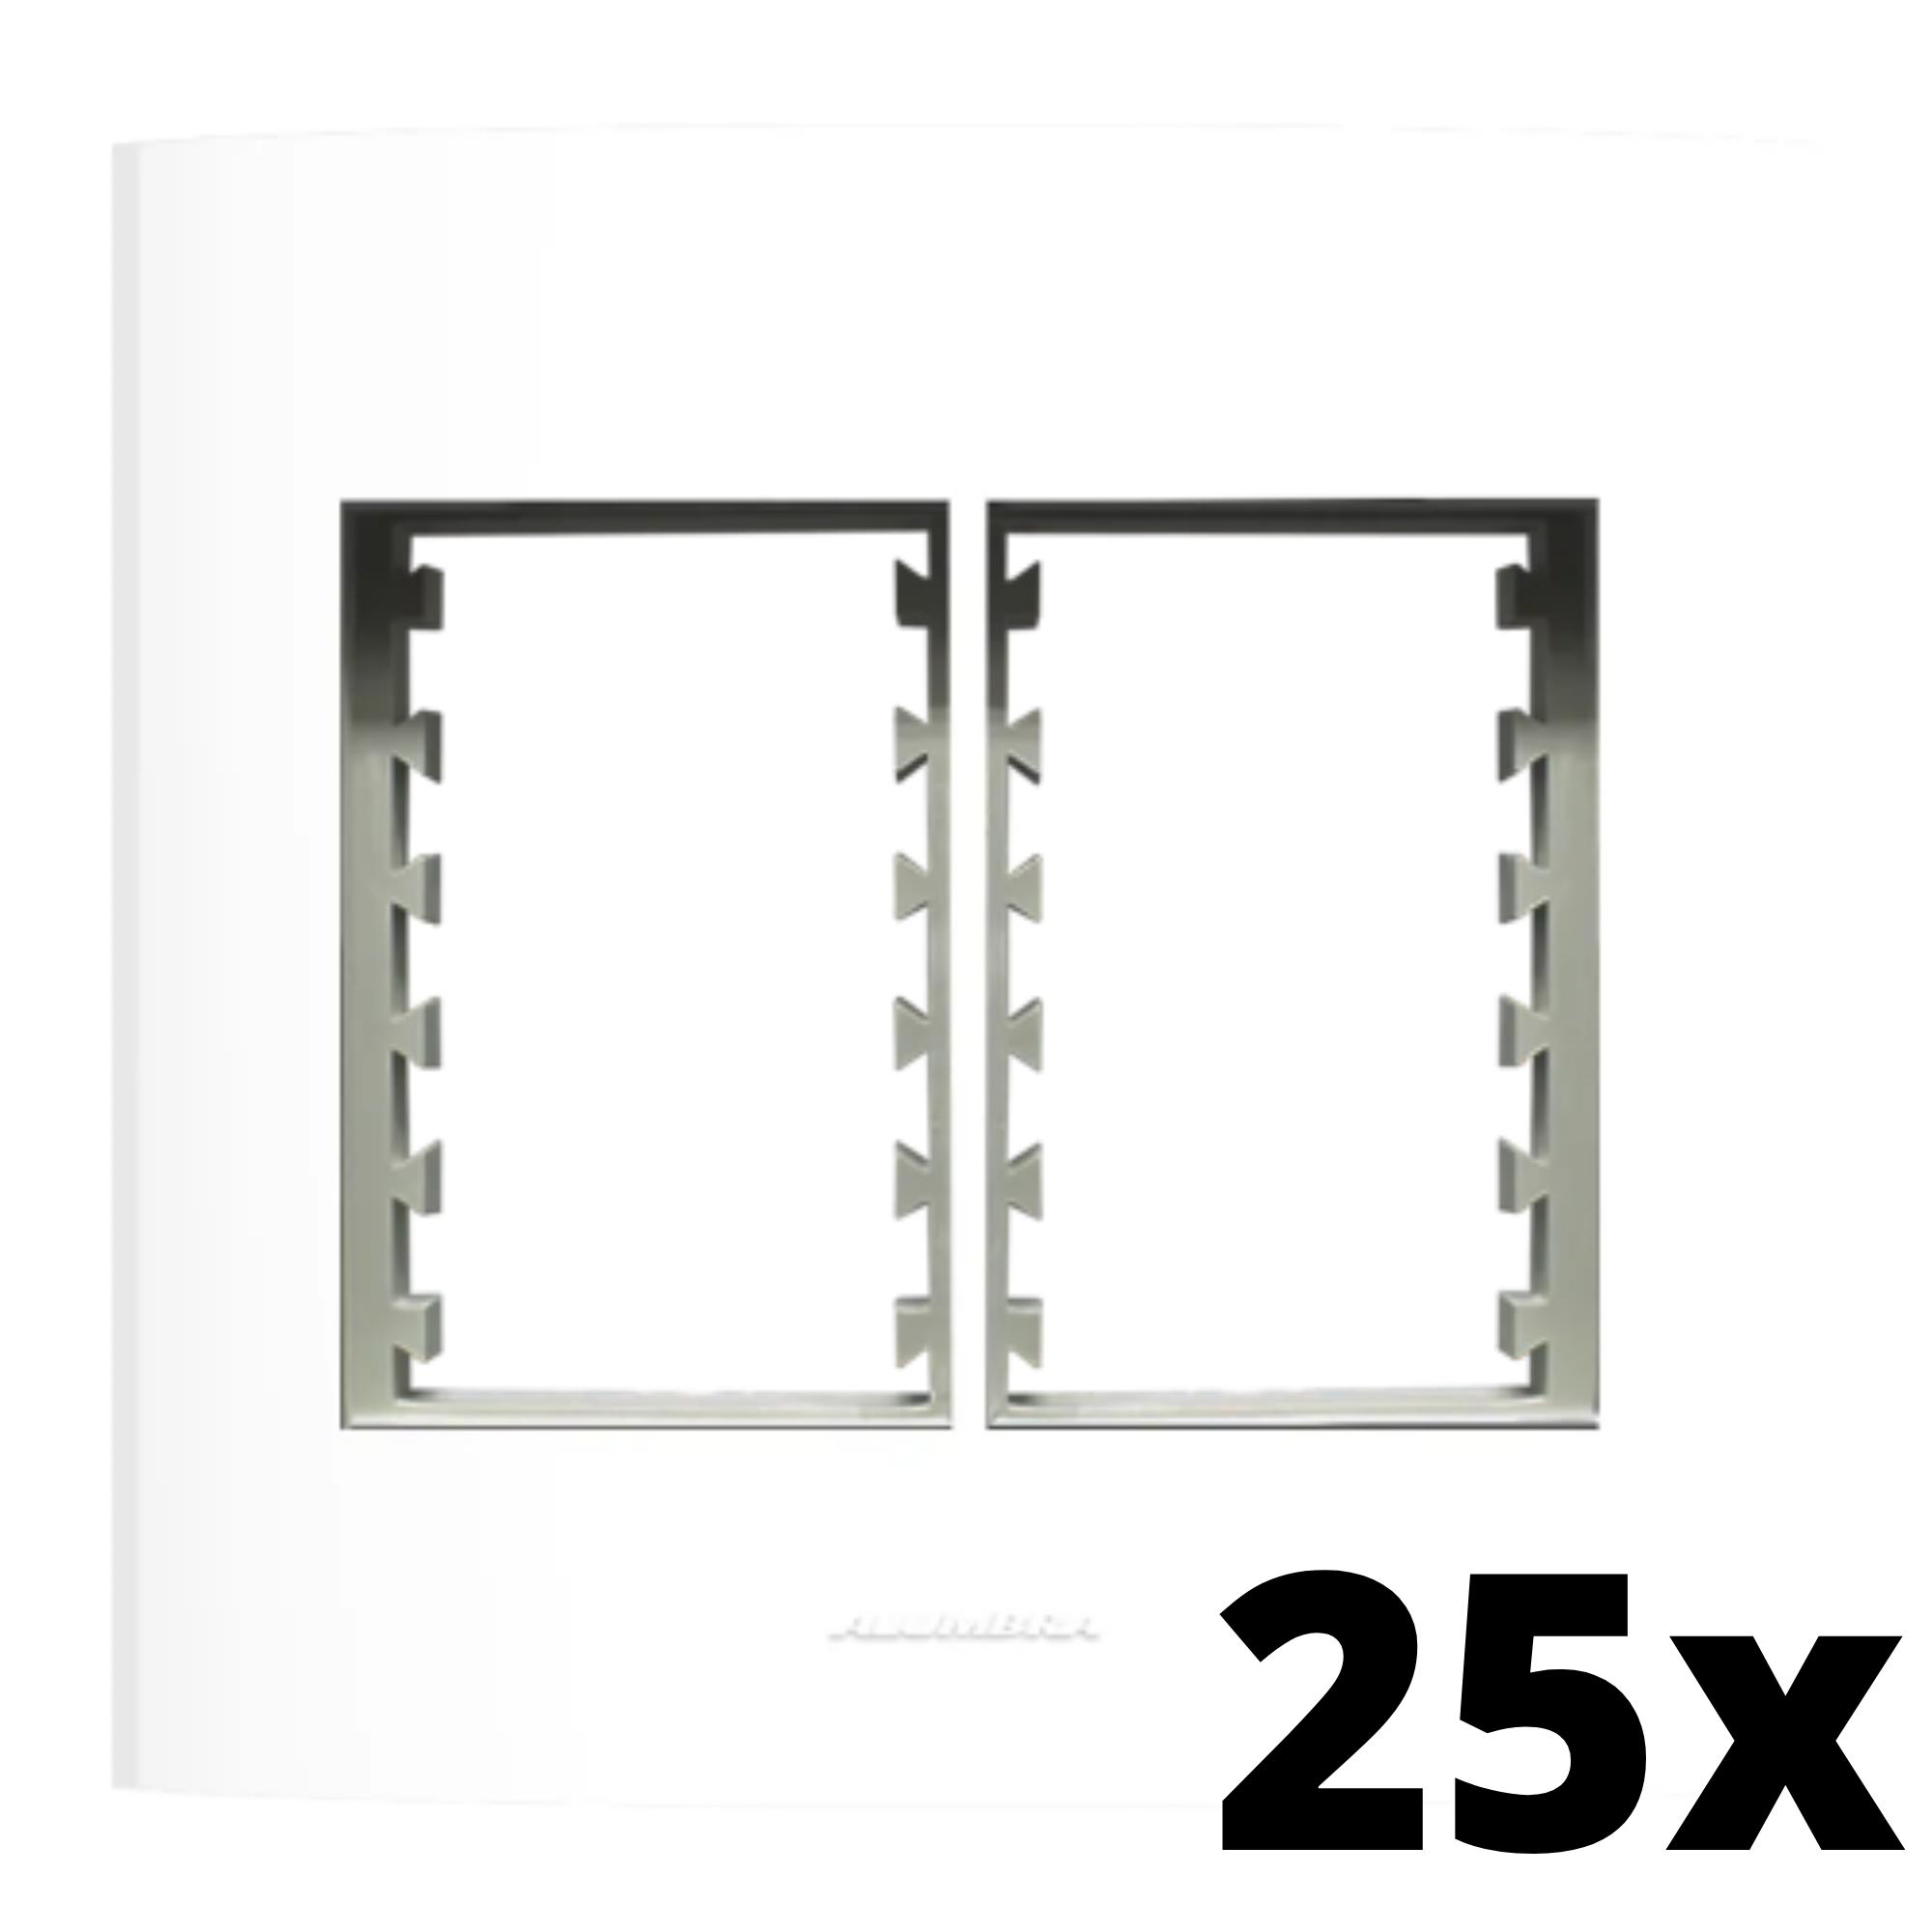 Kit 25 und Inova Pró Placa 4x4 3 Seções + 3 Seções